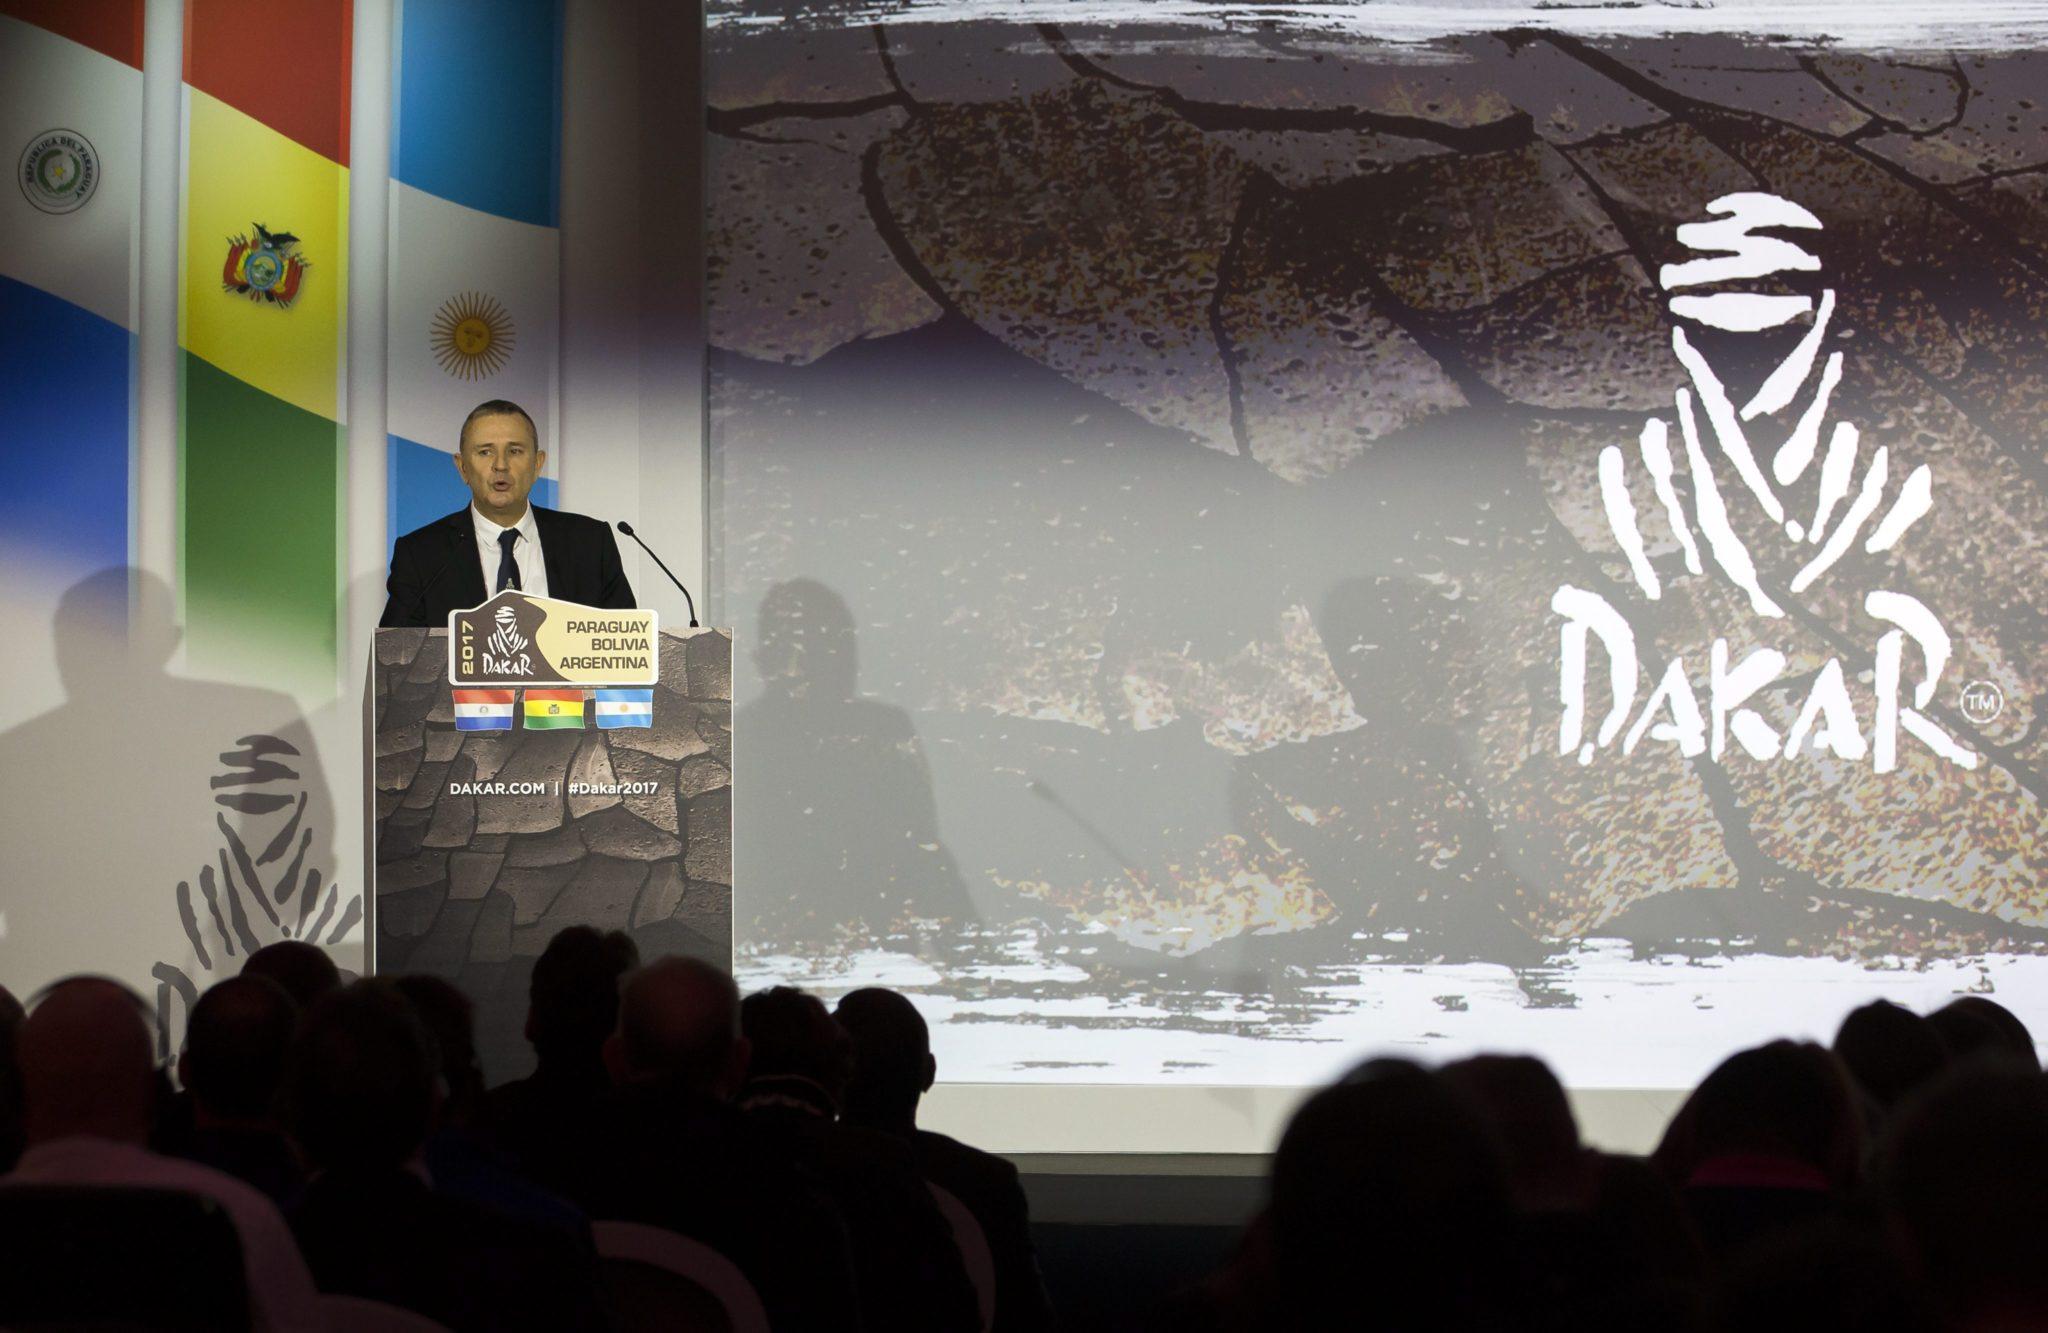 Francja: prezentacja programu Rajdu Dakar 2017 w Paryżu (foto. PAP/EPA/IAN LANGSDON)